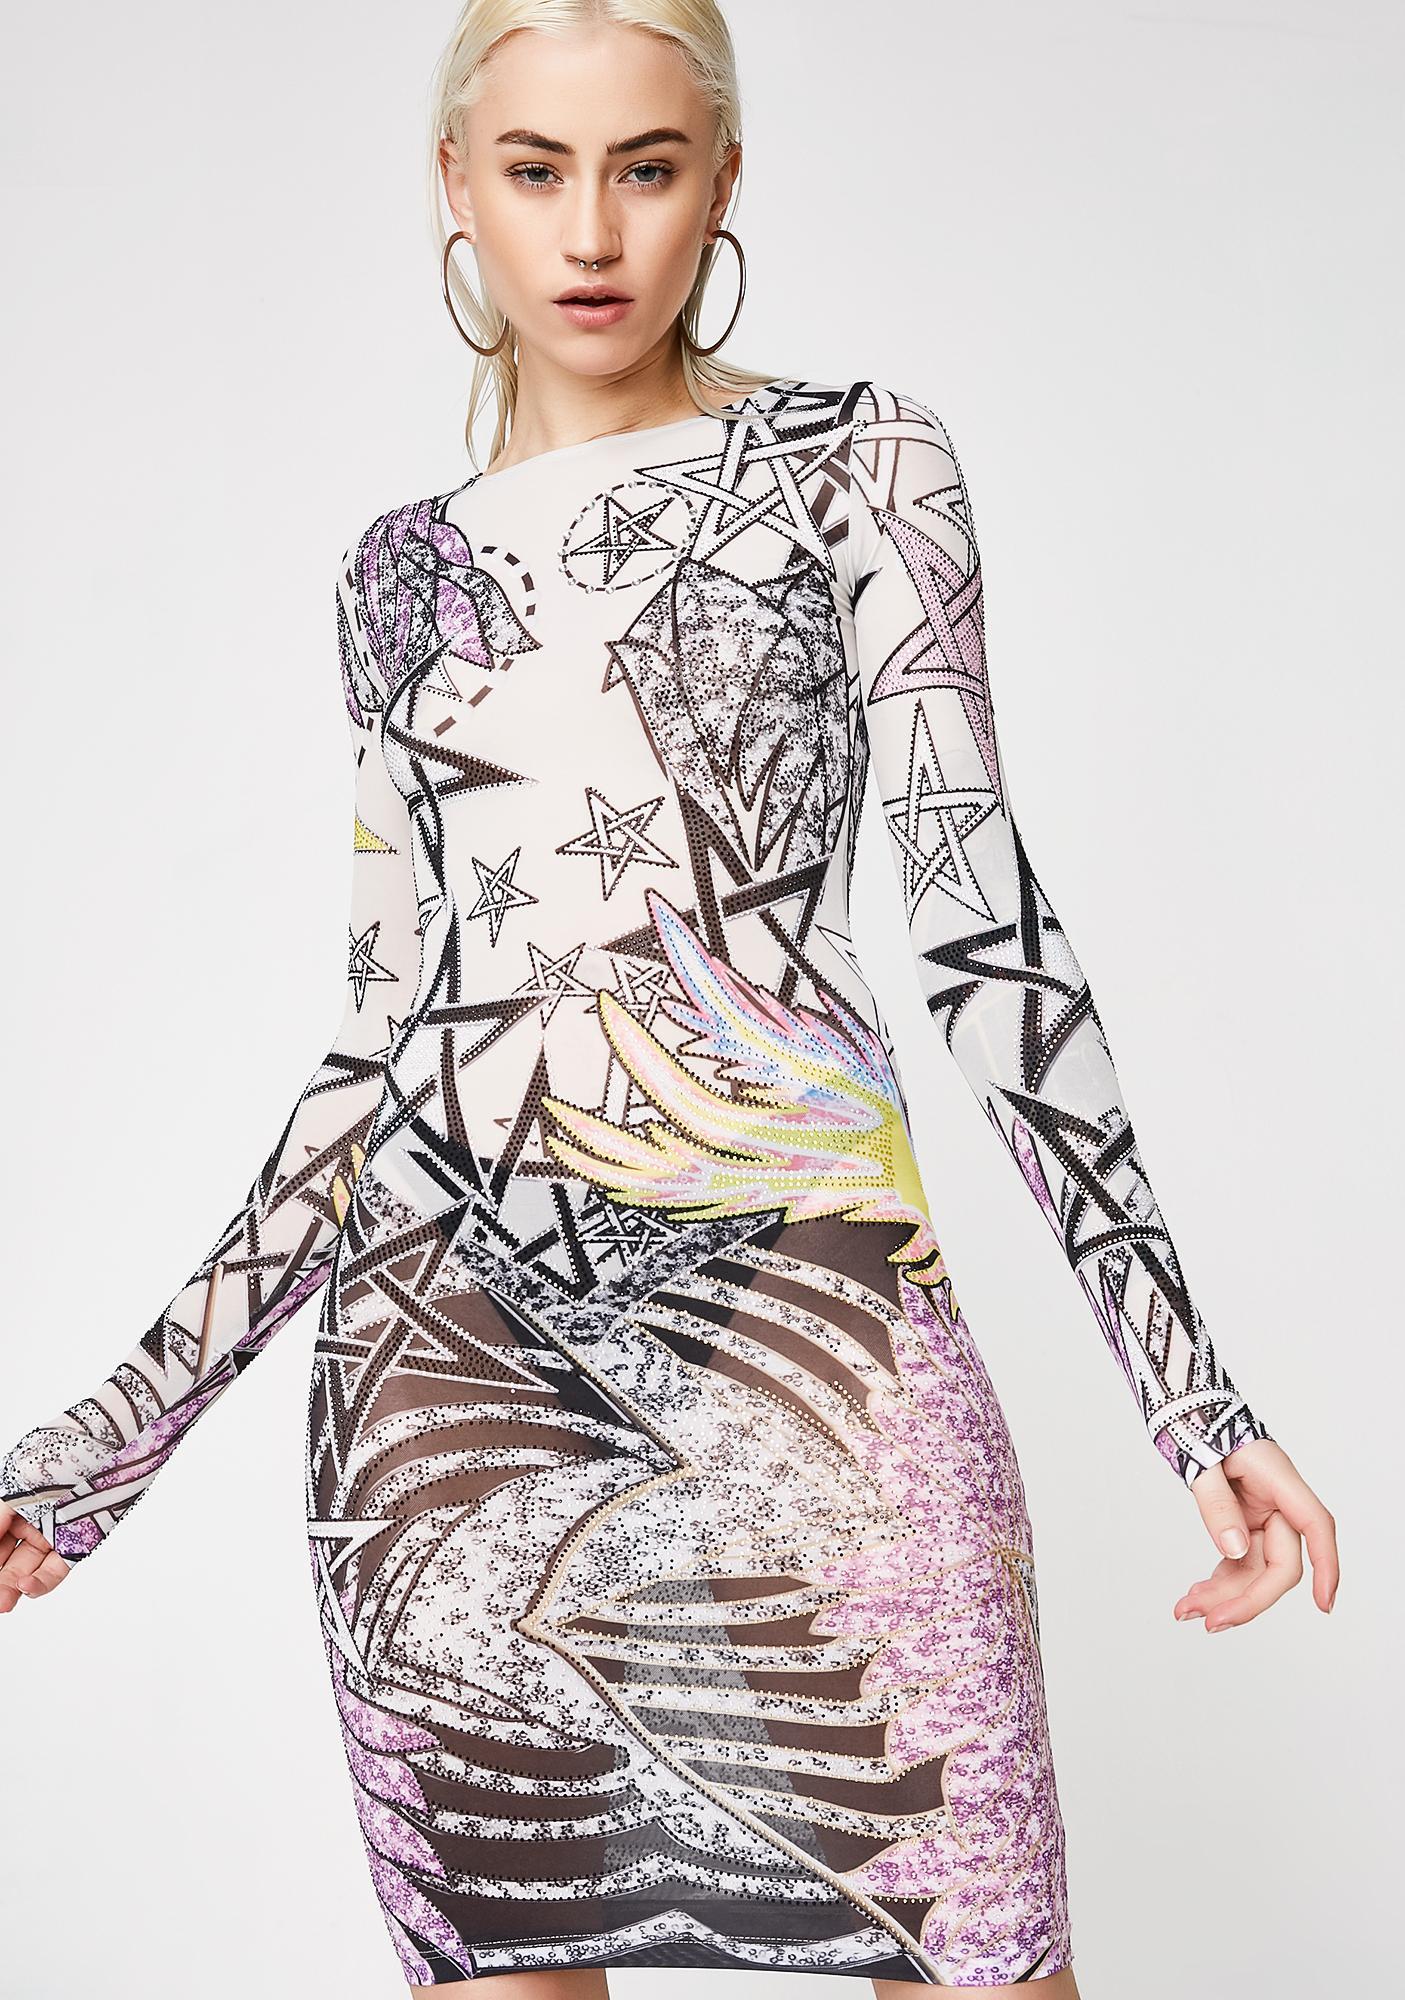 Kiki Riki Stars Fallin' Sheer Dress